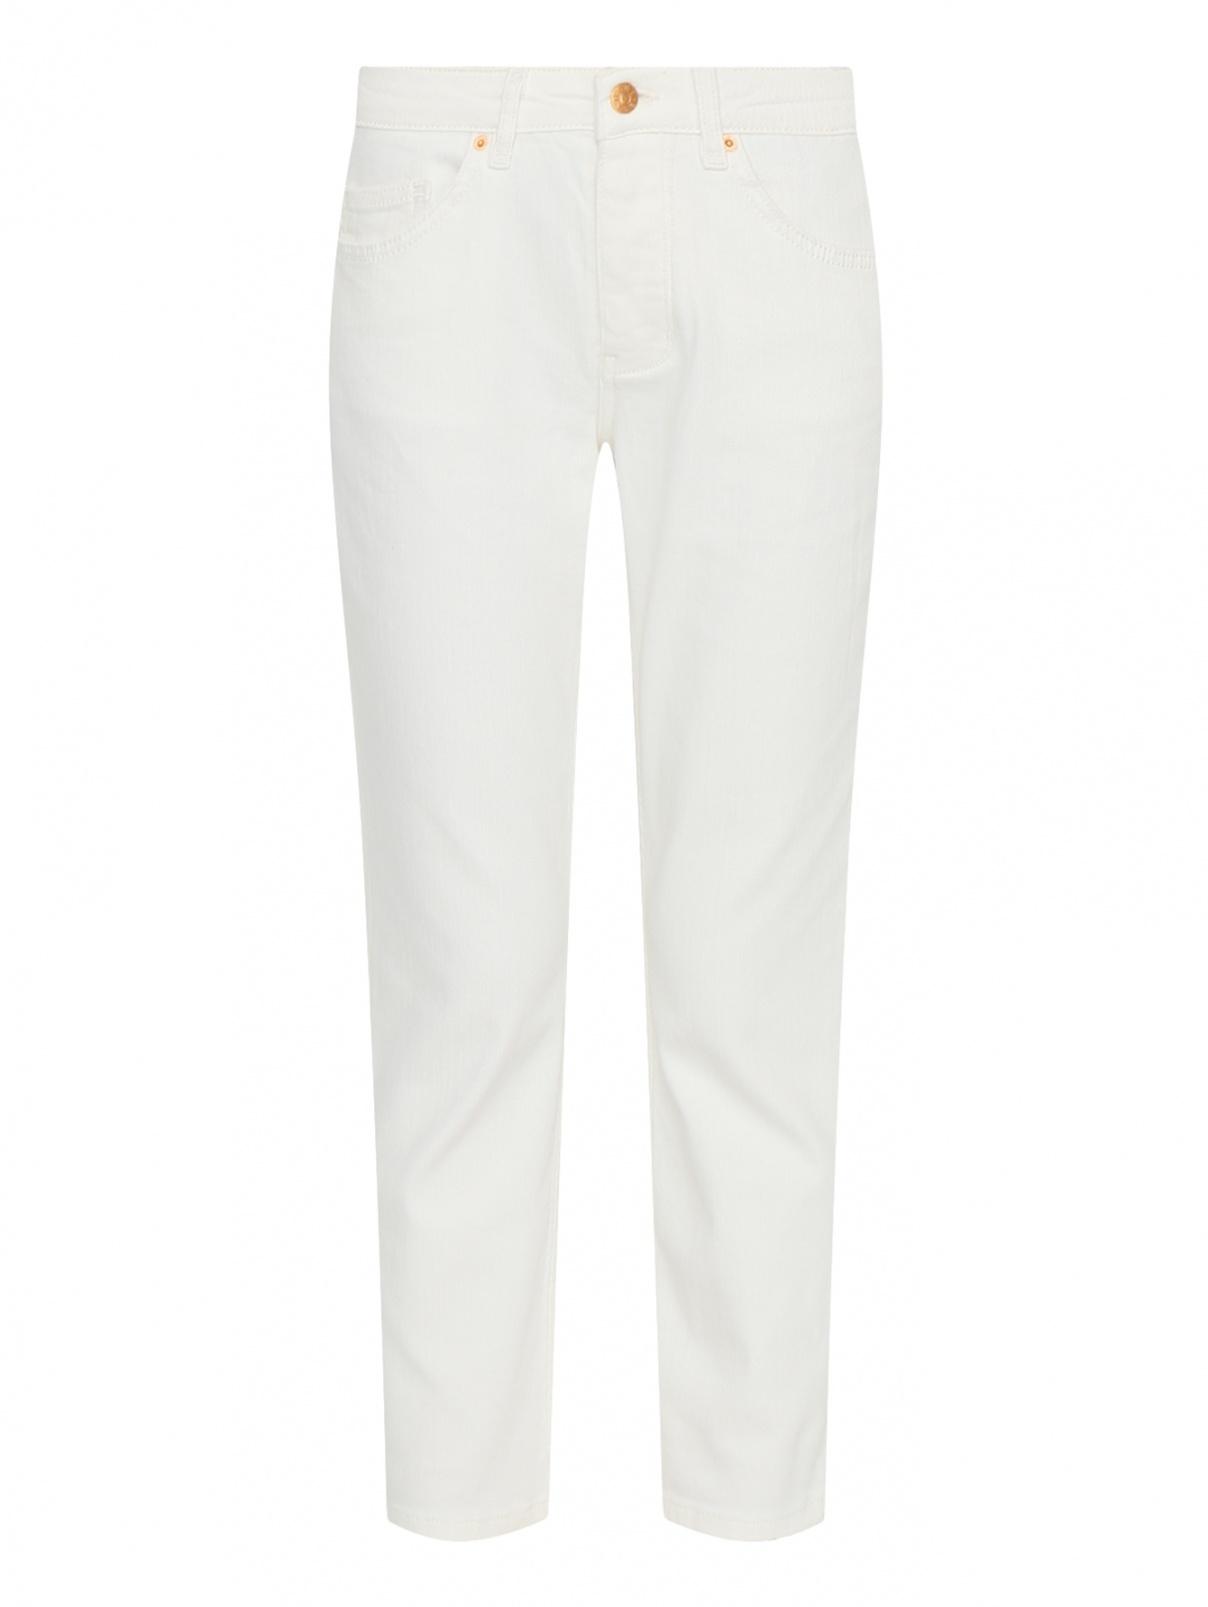 Укороченные джинсы из хлопка Blanche  –  Общий вид  – Цвет:  Белый